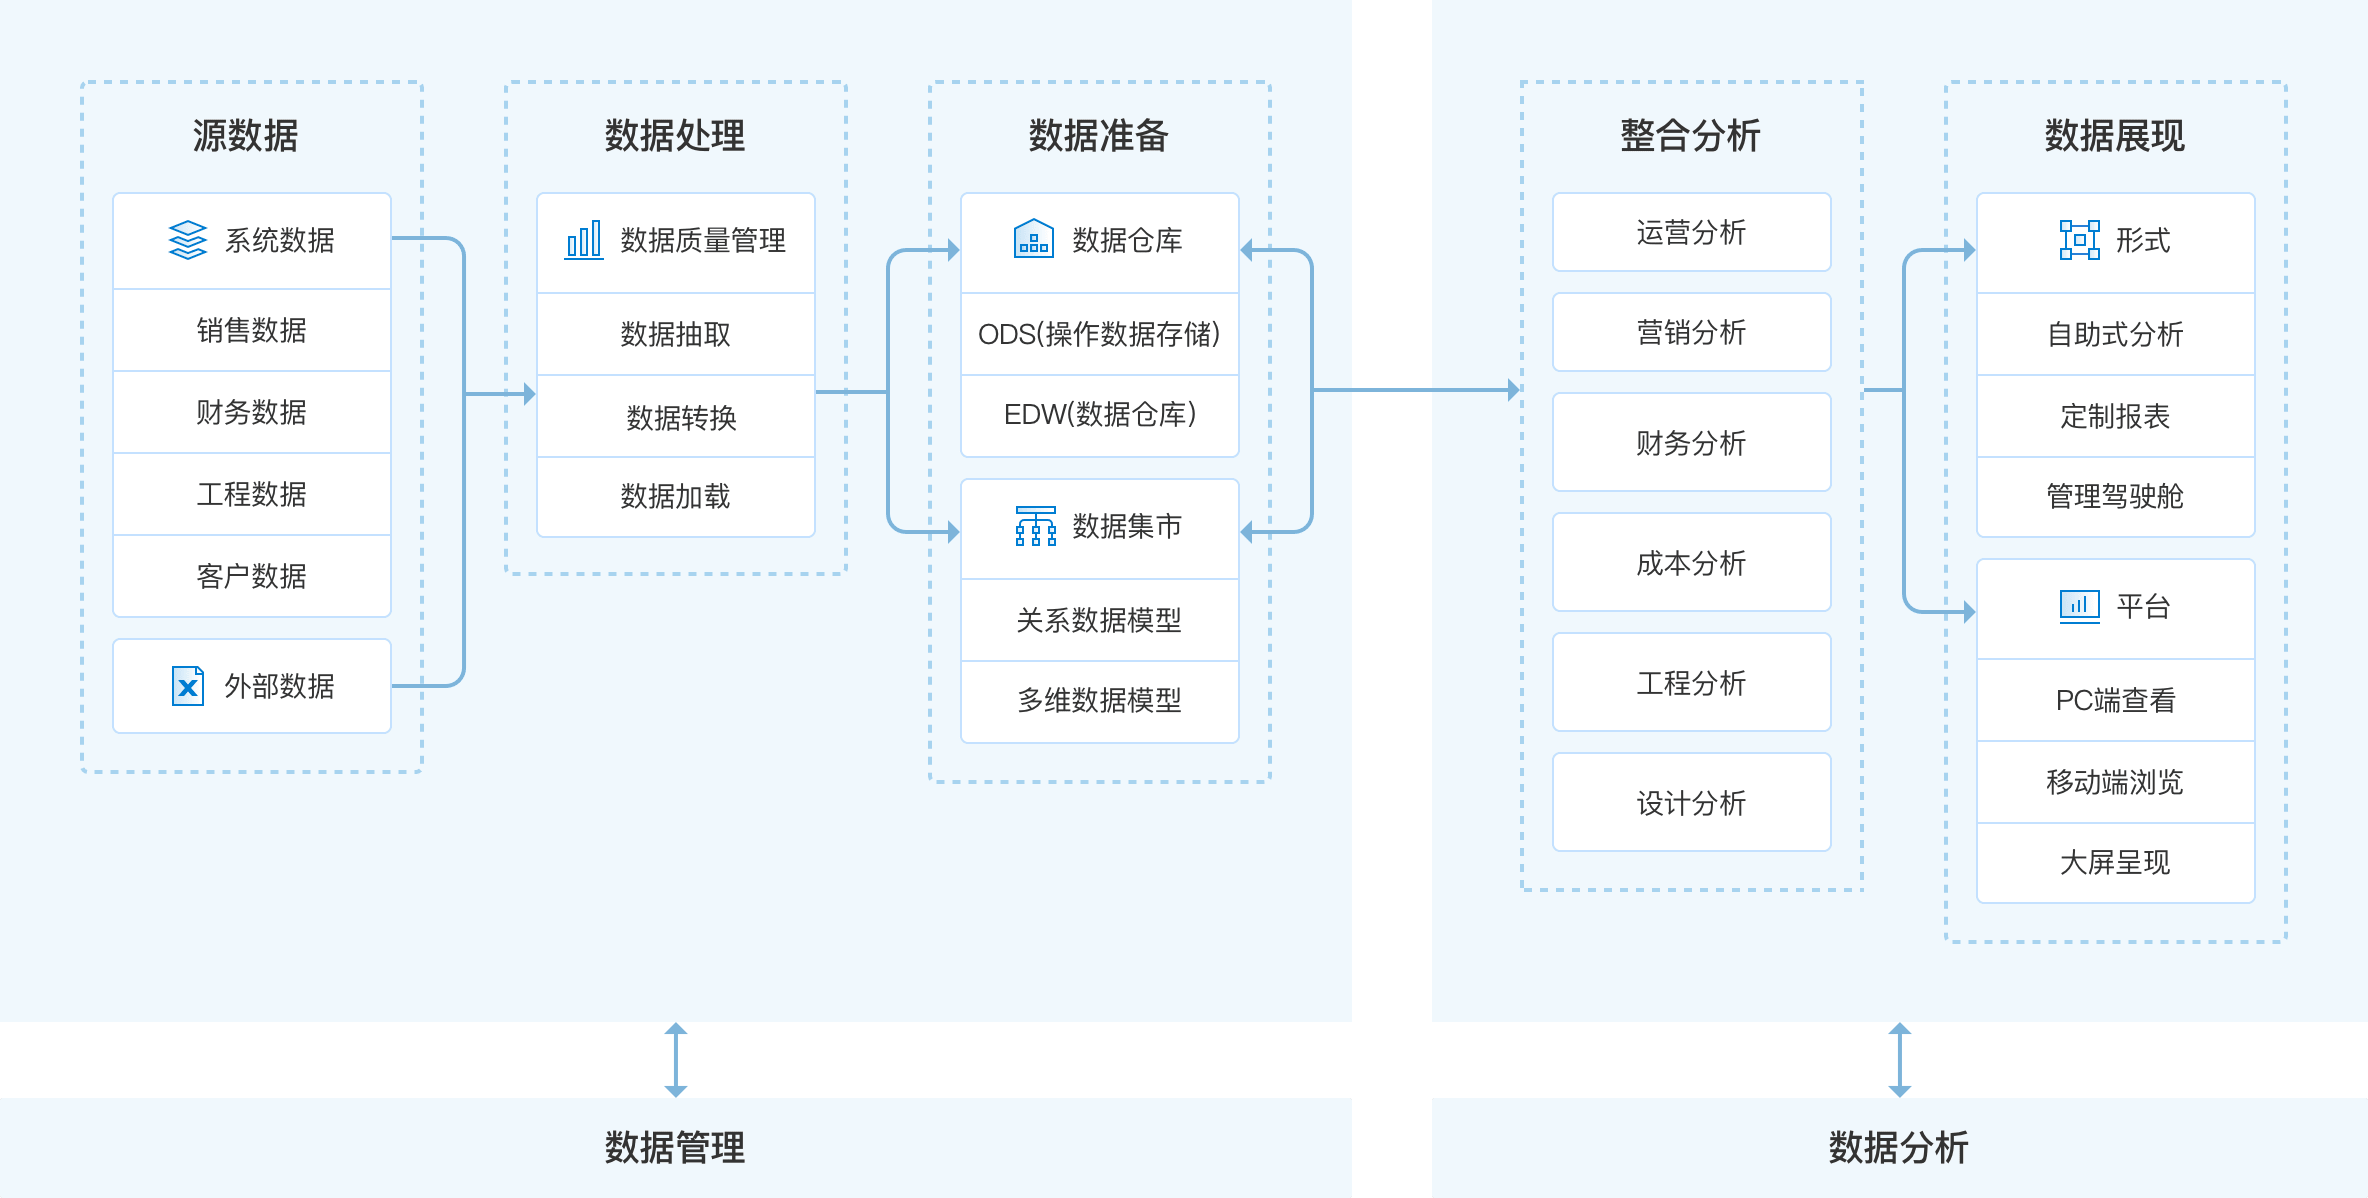 金融保險業數據系統